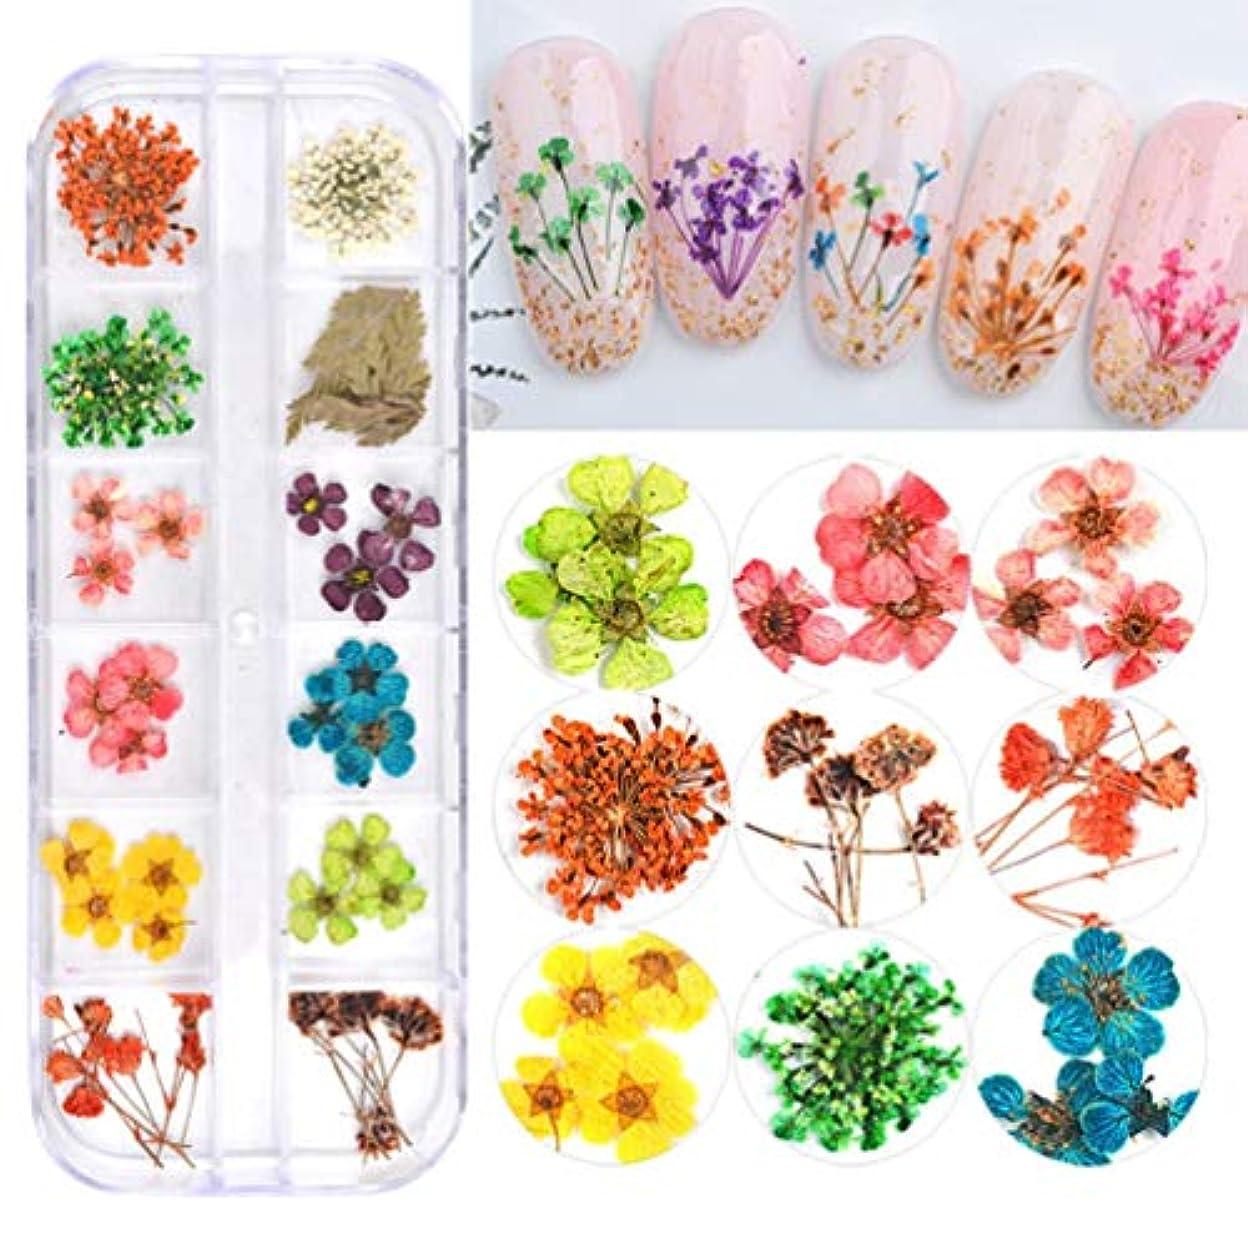 作り証書ウール1ボックス ドライフラワー レースのような柄 天然の押し花 12色 ジェルネイル用 デコ 素材 ネイルパーツ